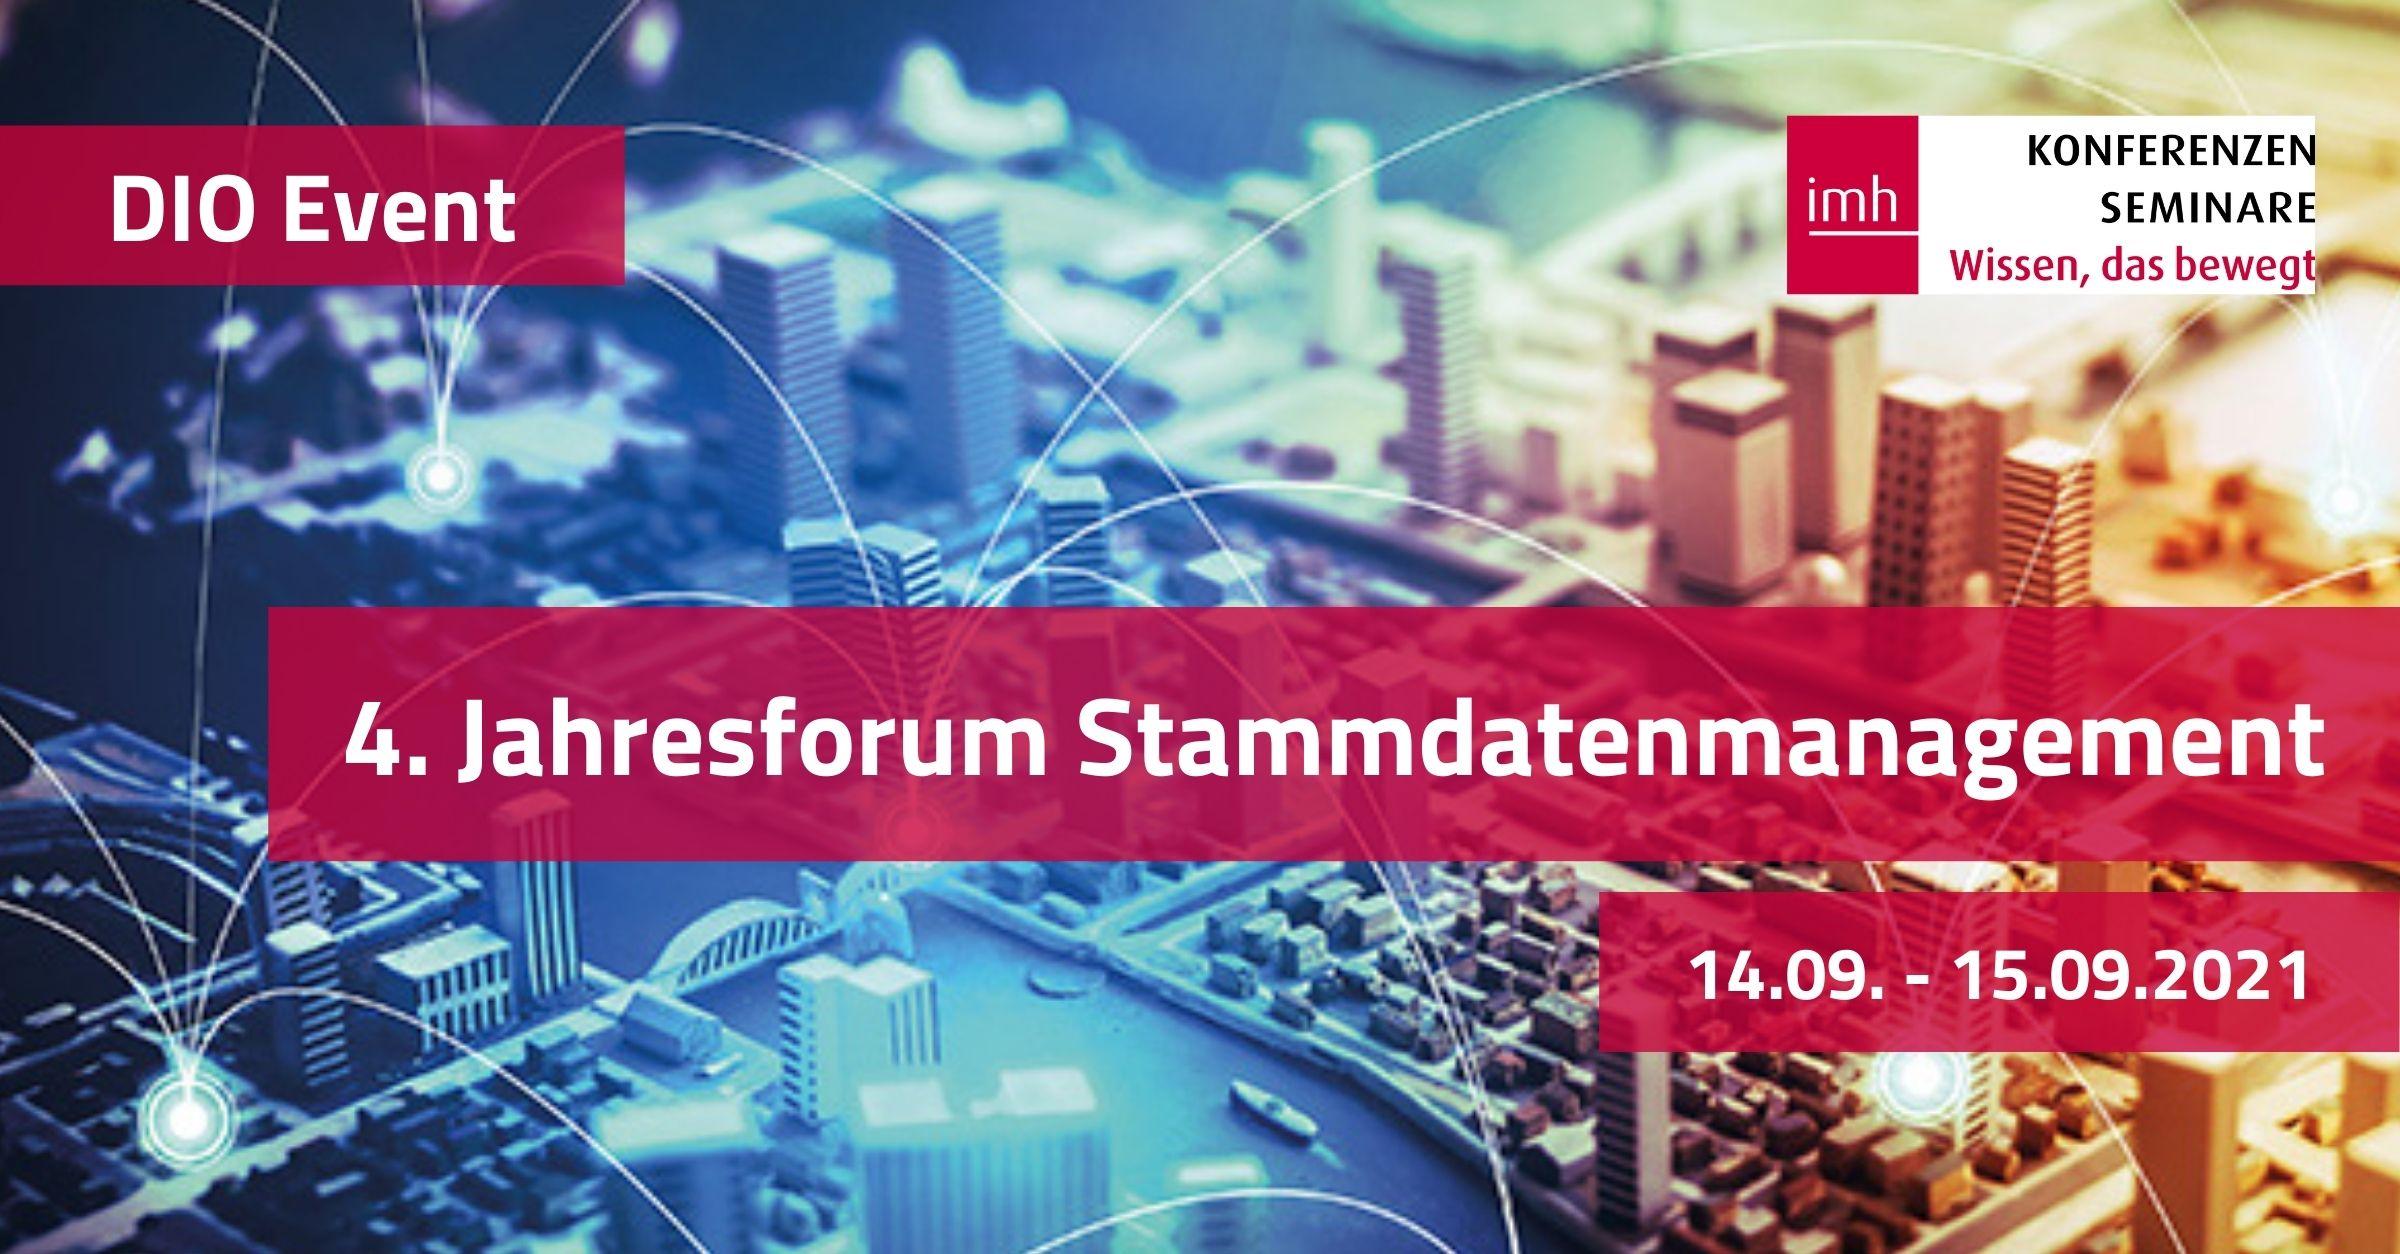 4. Jahresforum Stammdatenmanagement, 14.-15.09.2021